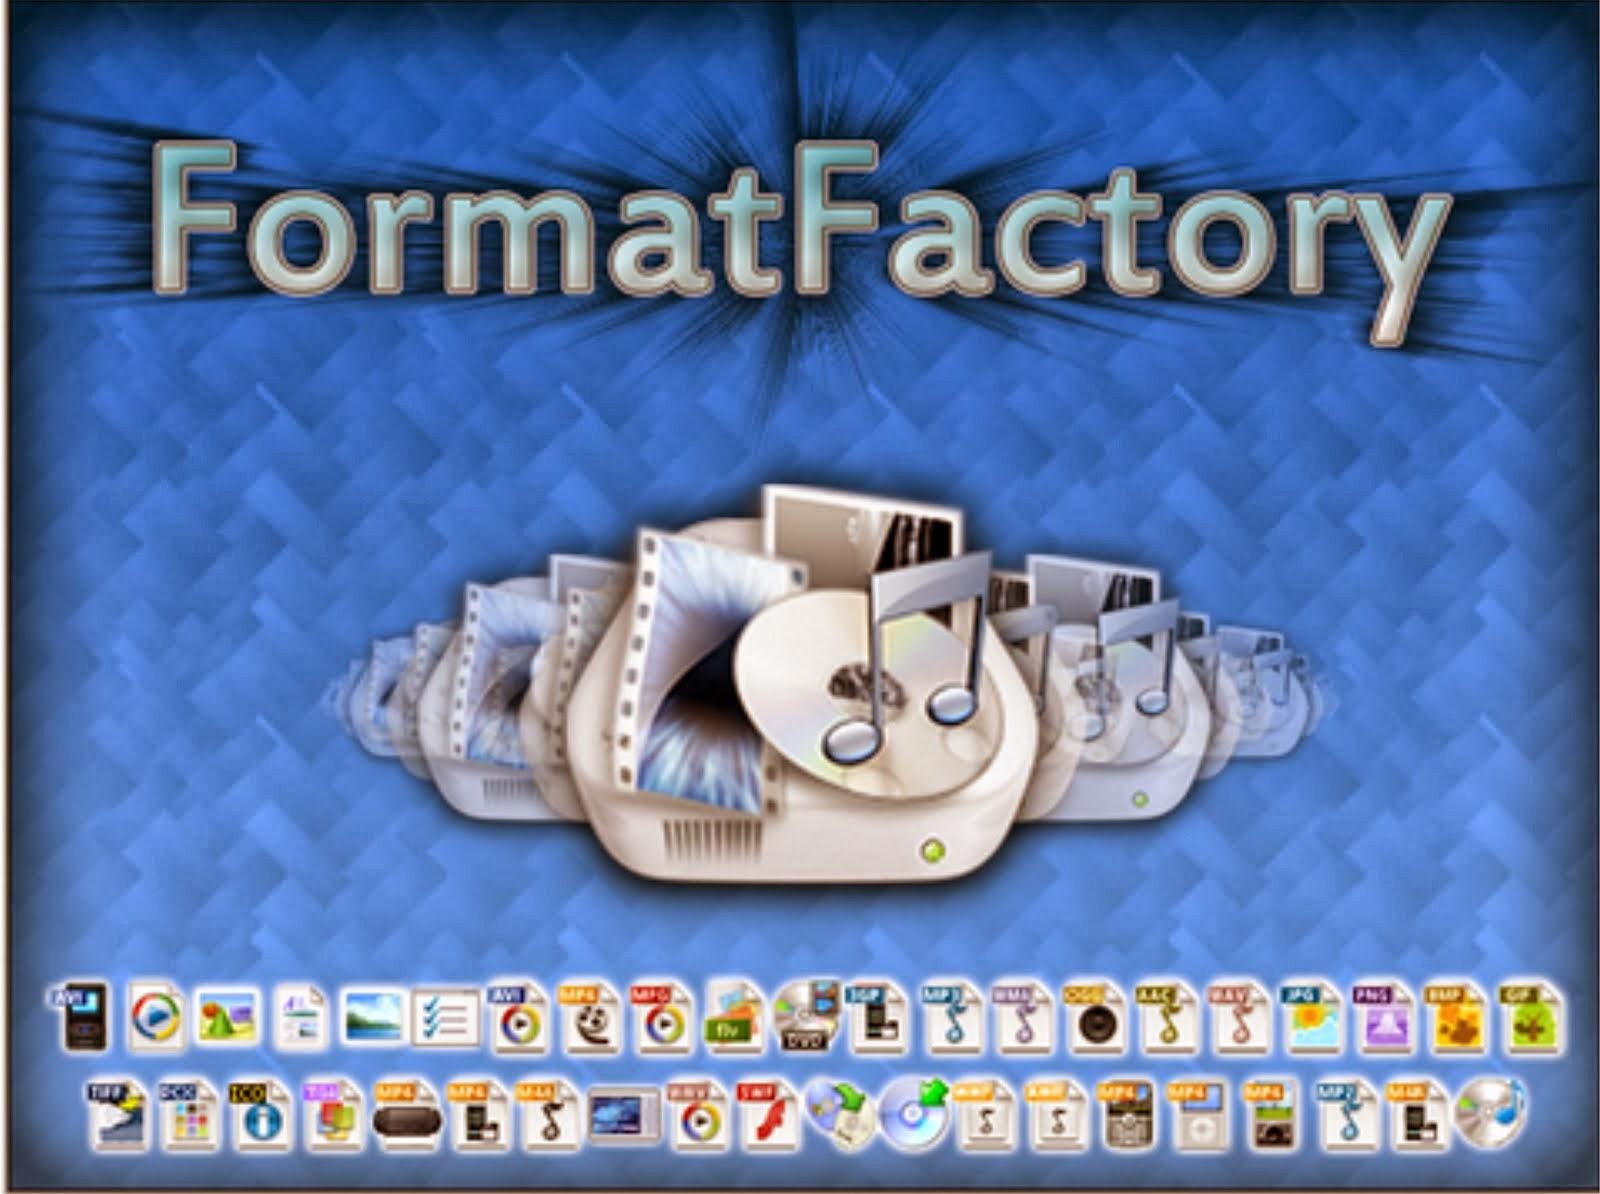 تحميل برنامج format factory عربي ويندوز 7